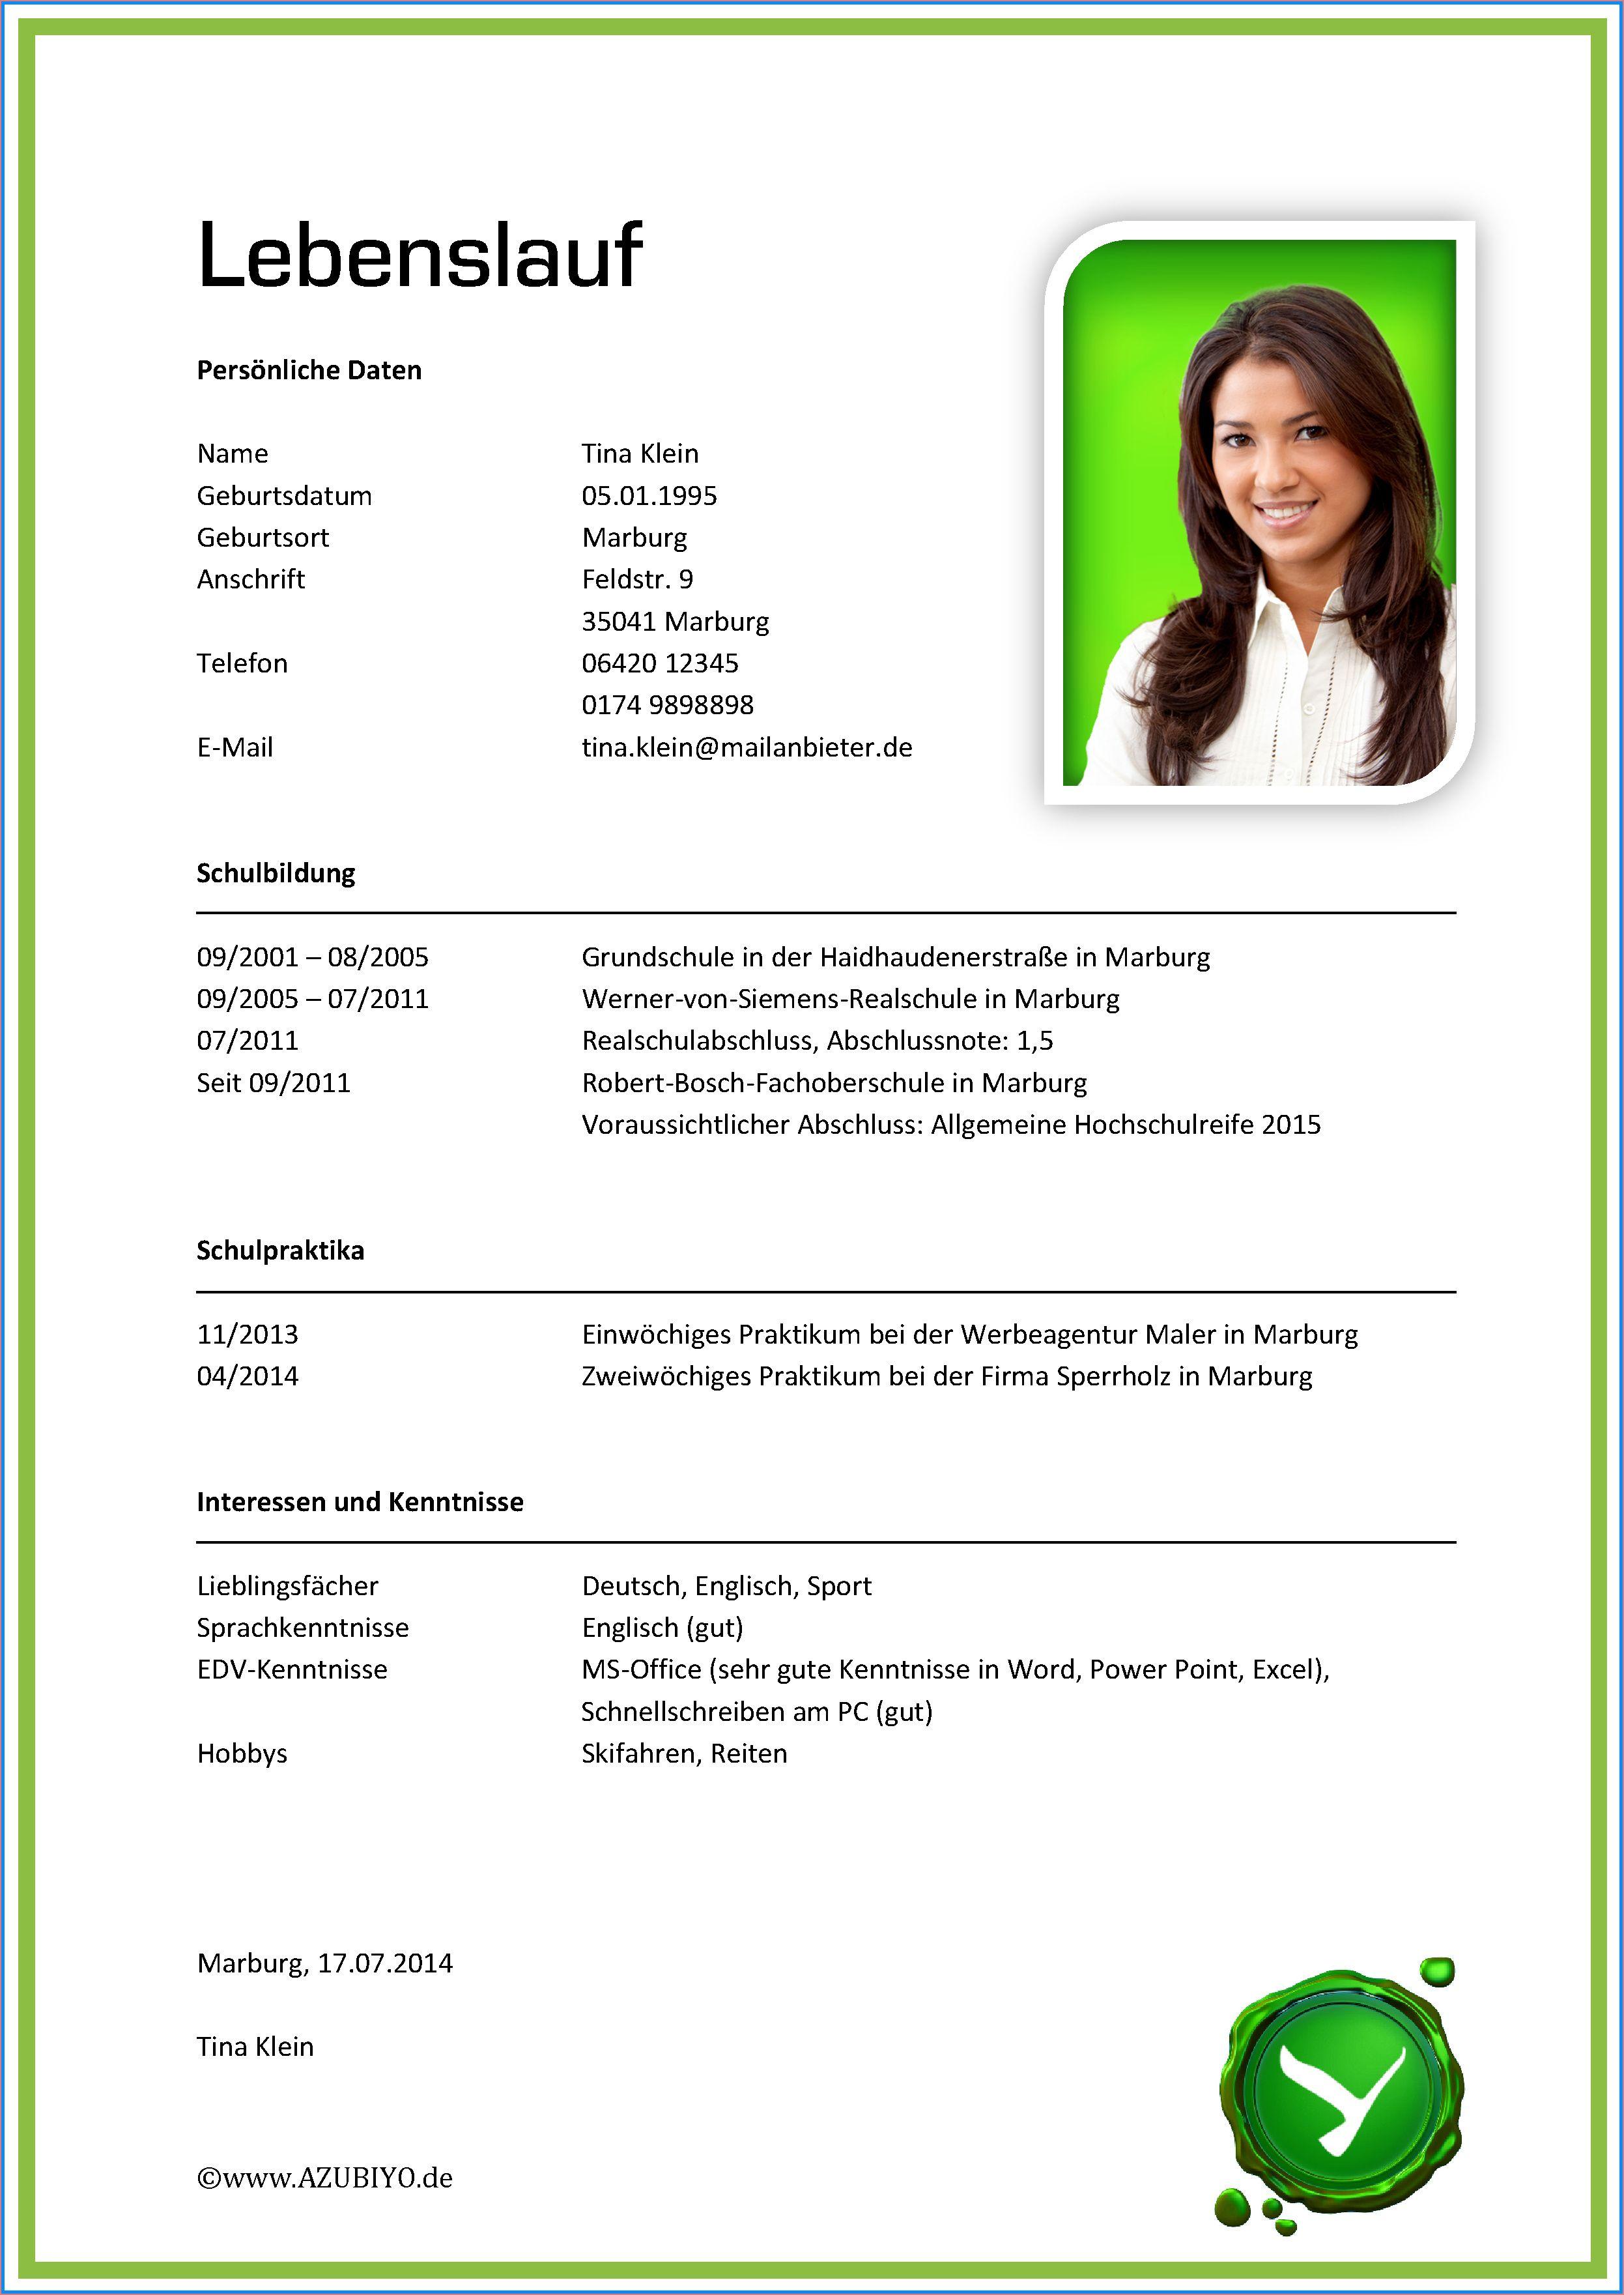 13 Begrenzt Lebenslauf Beispiel Schuler Stock Marriage Biodata Format Bio Data For Marriage Resume Format Download